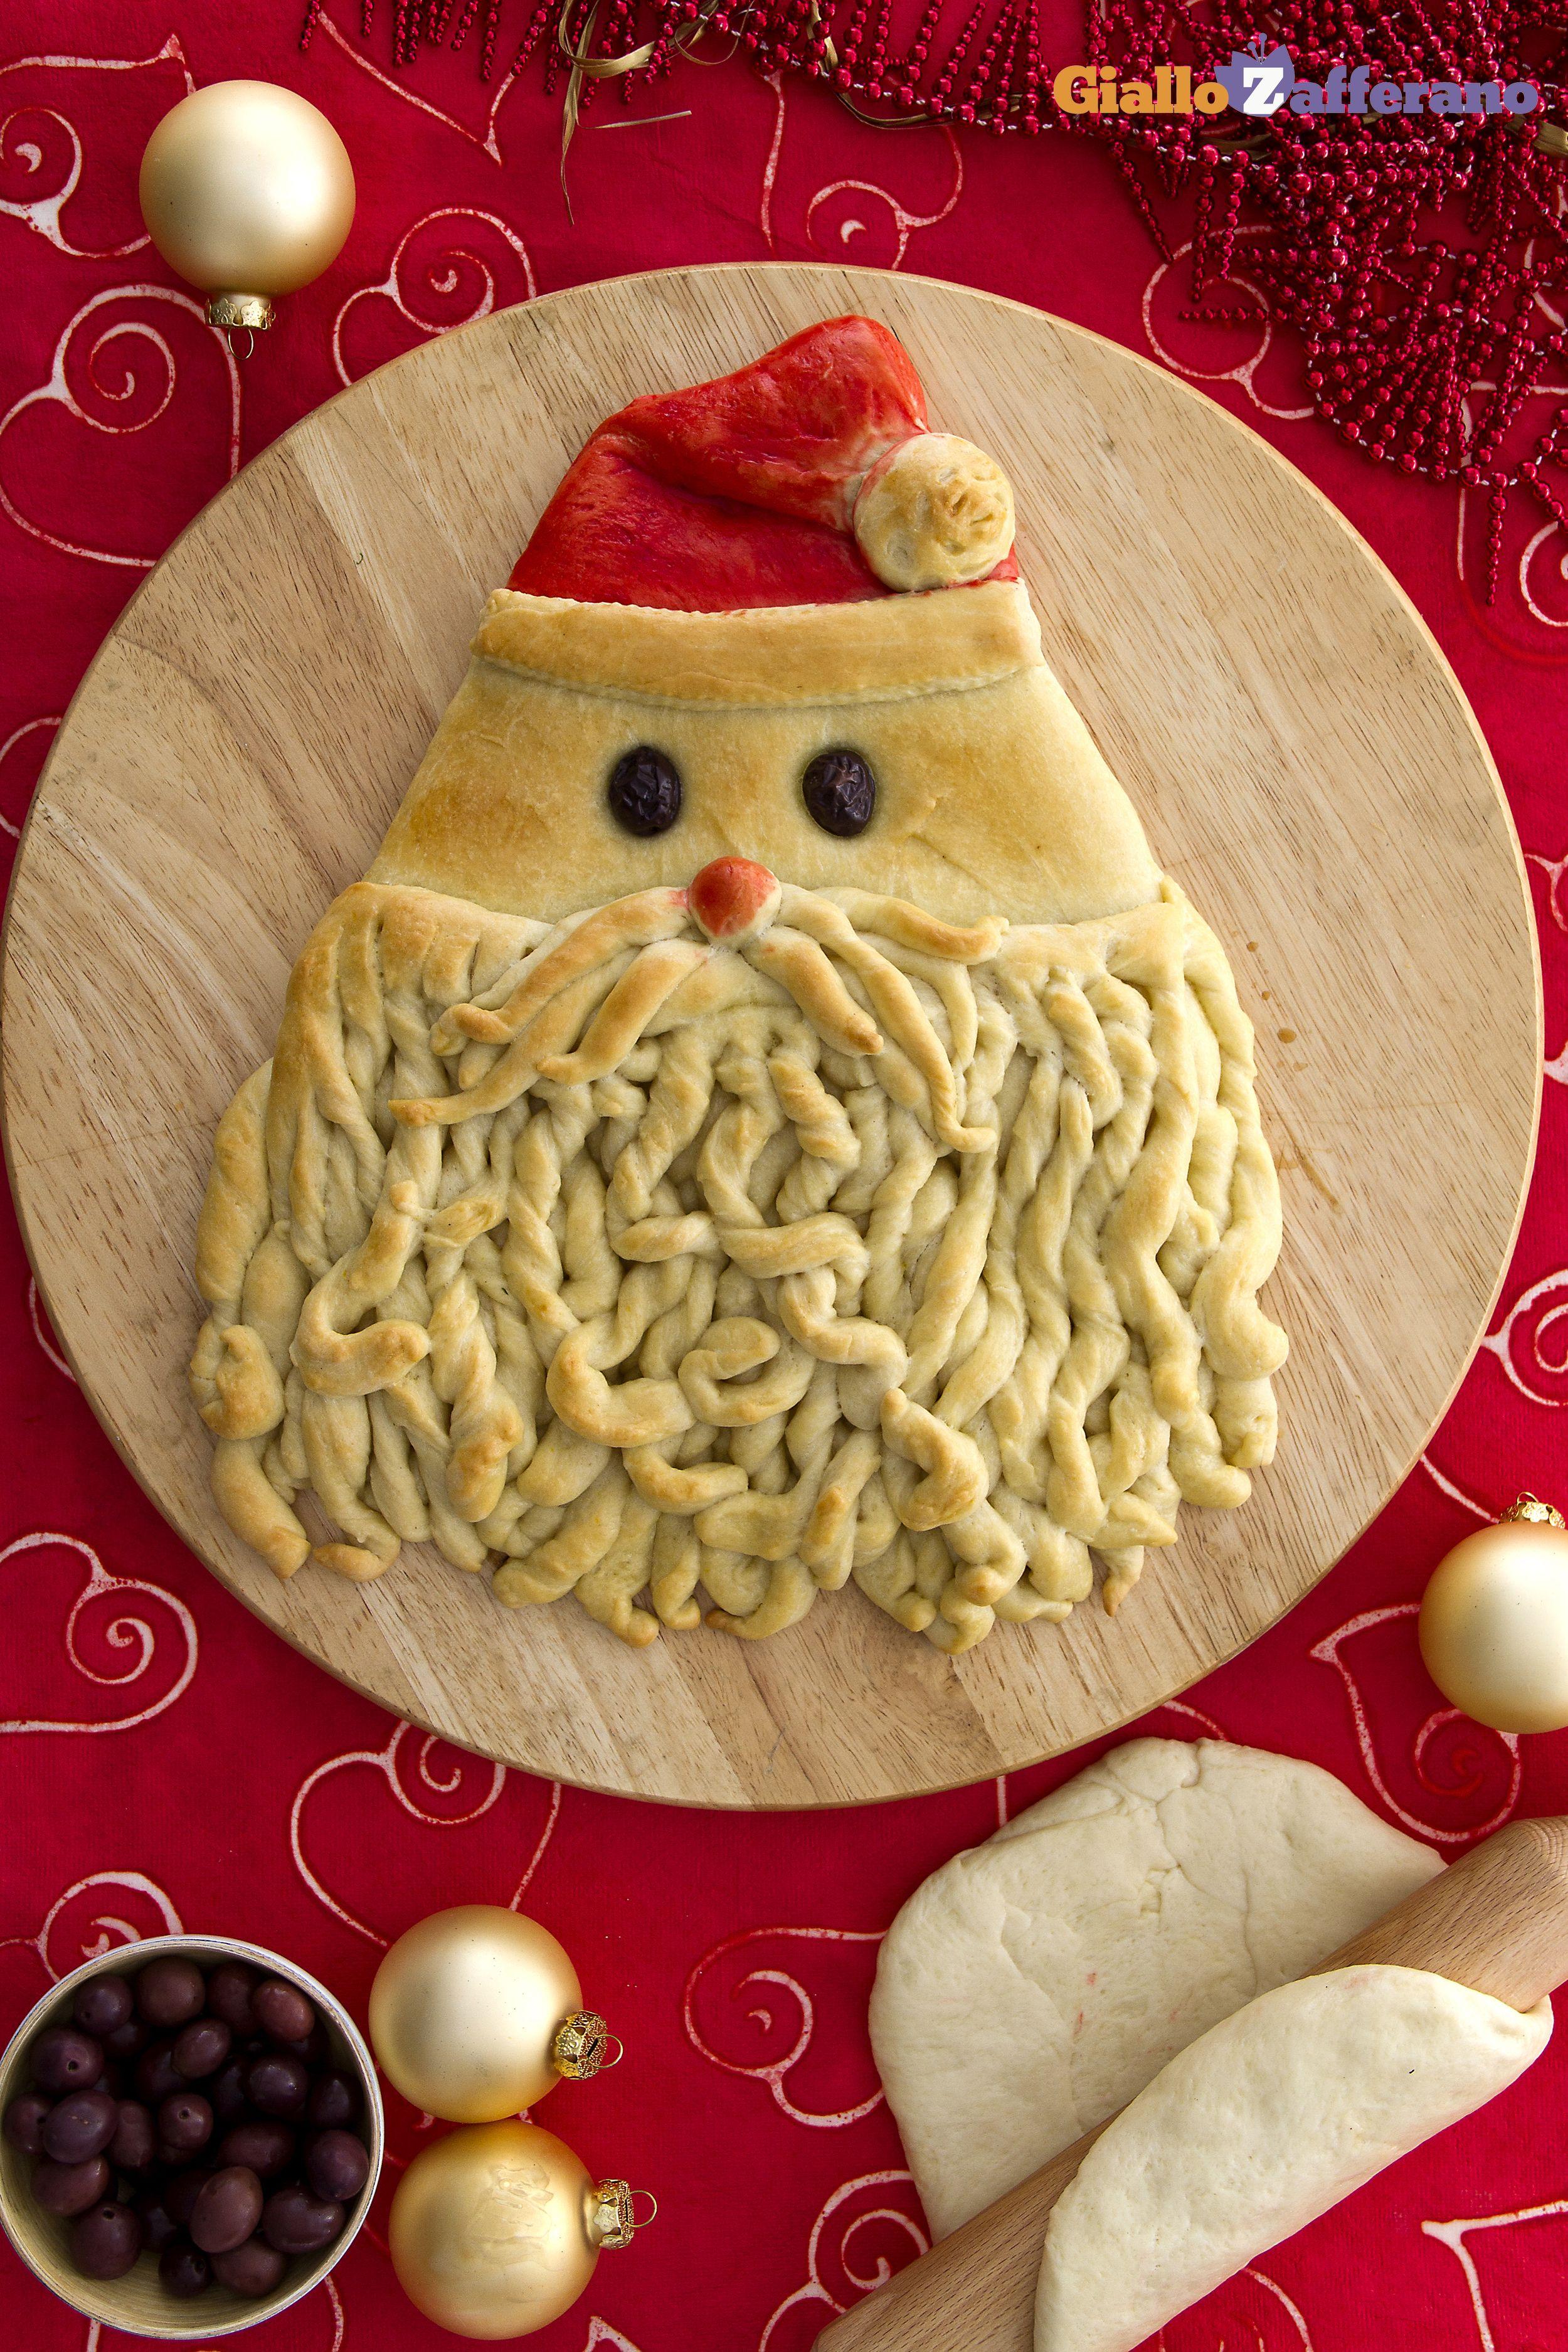 Antipasti A Forma Di Babbo Natale.Pane Di Babbo Natale Ricetta Alimenti Di Natale Idee Alimentari E Ricette